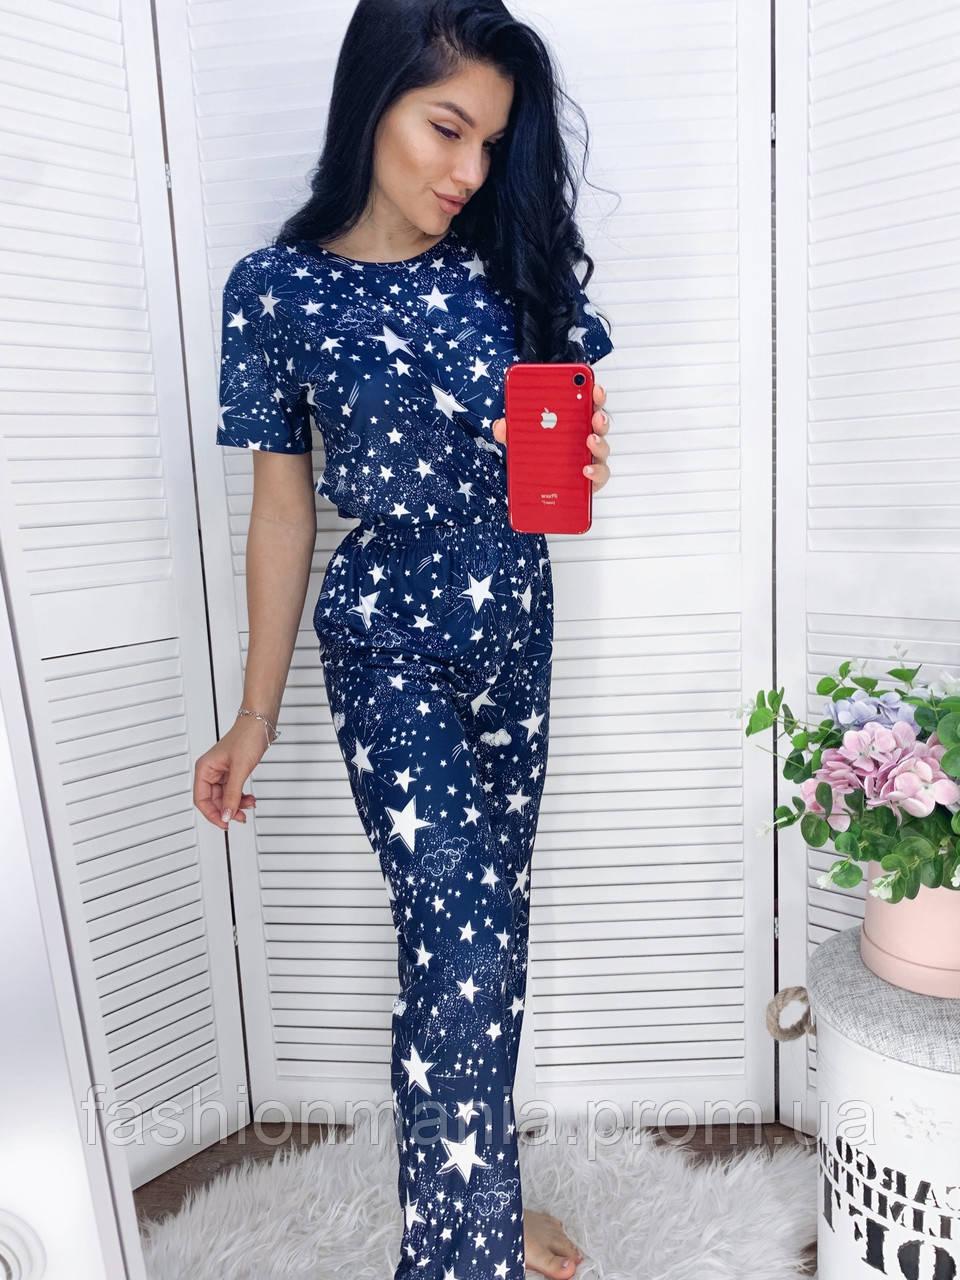 Пижама женская брючная синяя 42,44,46,48